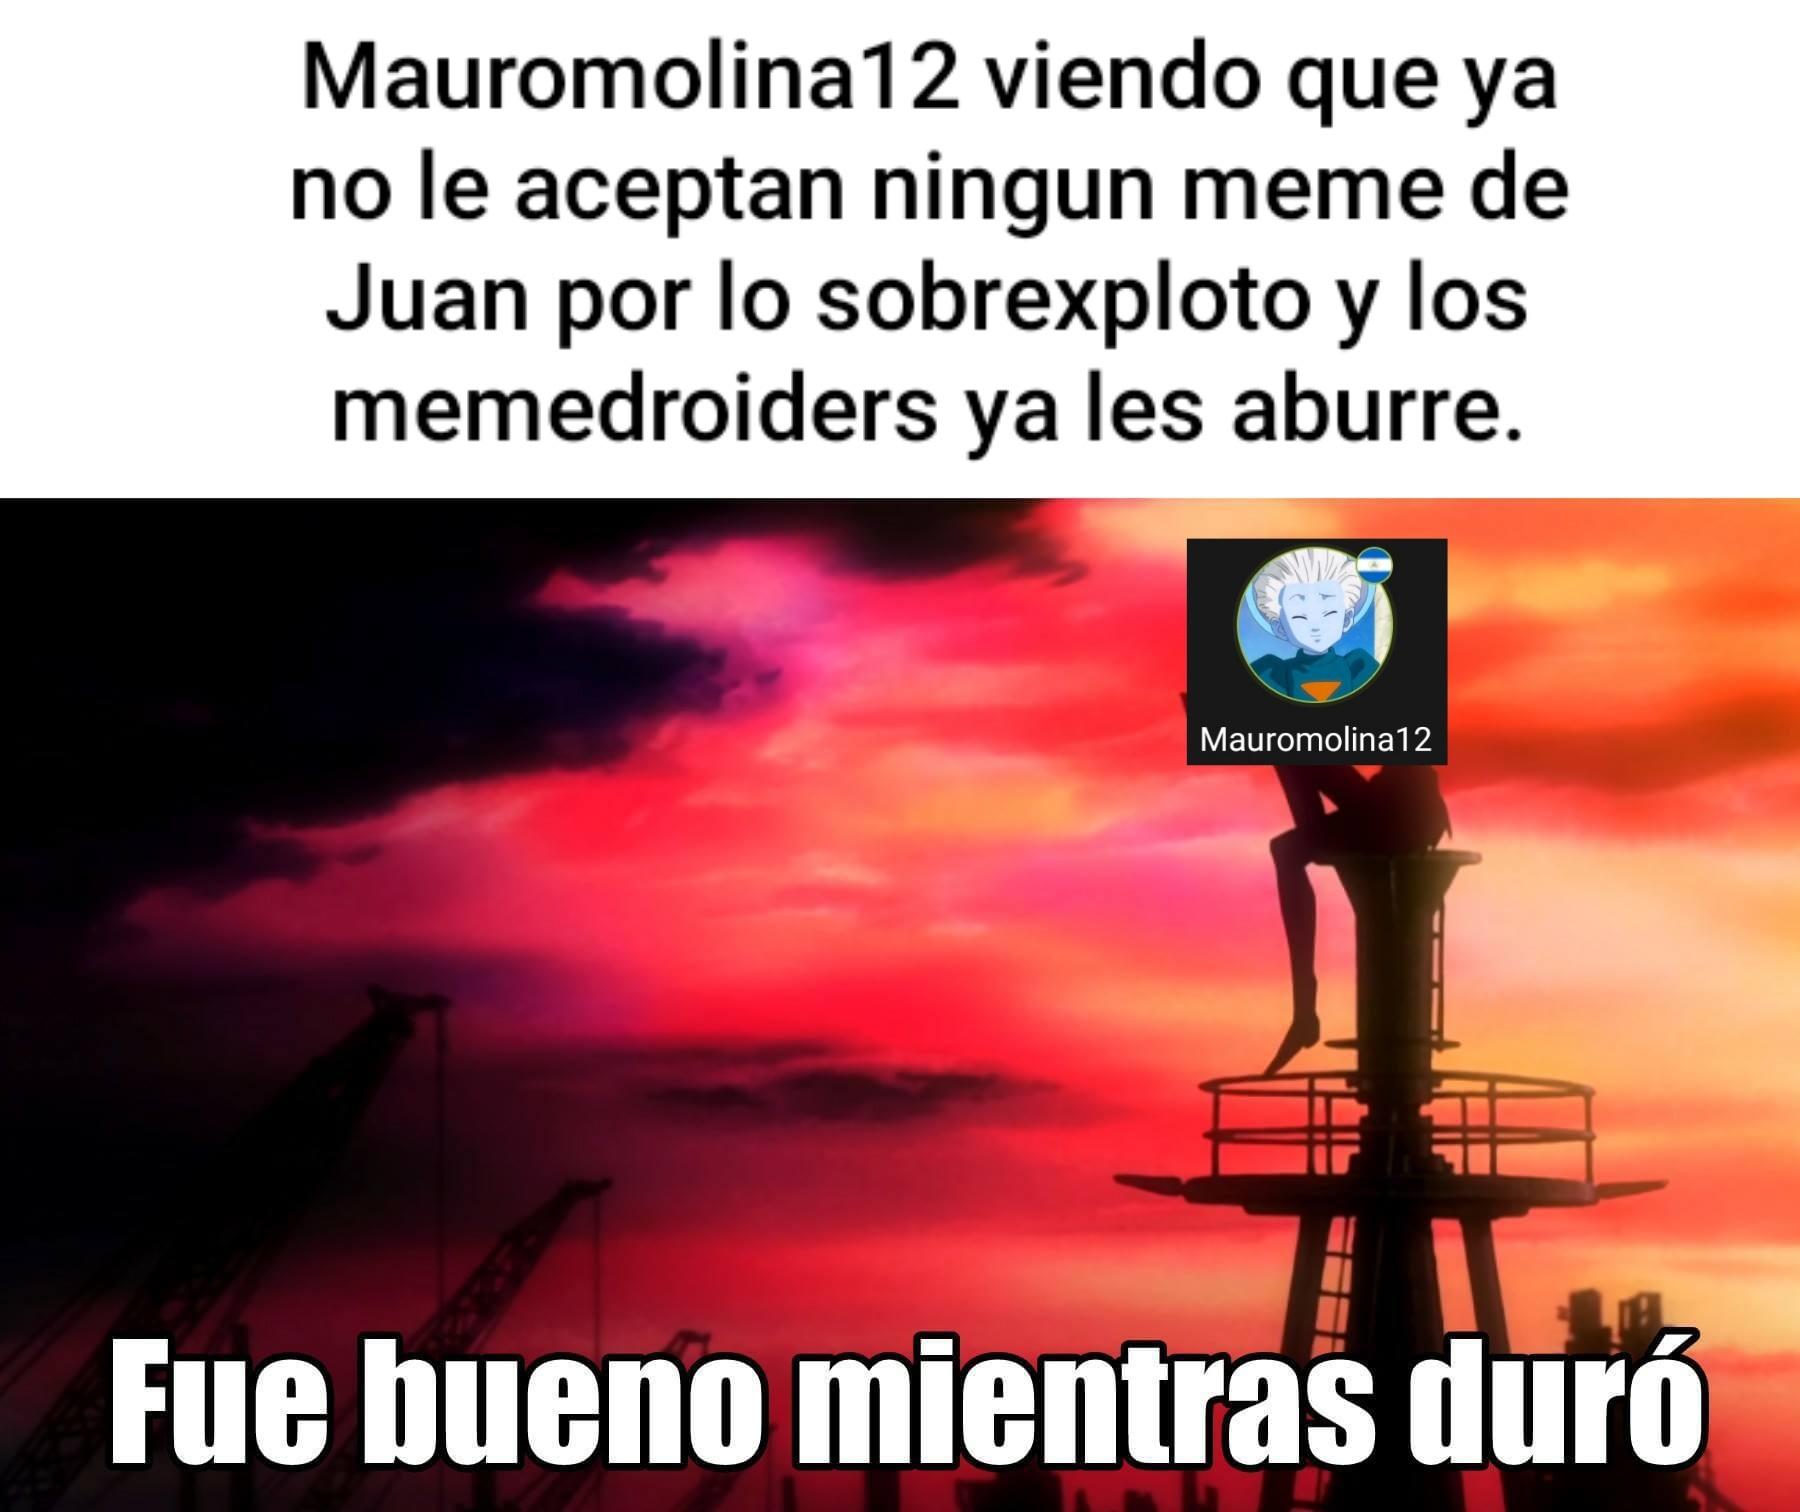 Ya no hay mas memes de Juan banda.